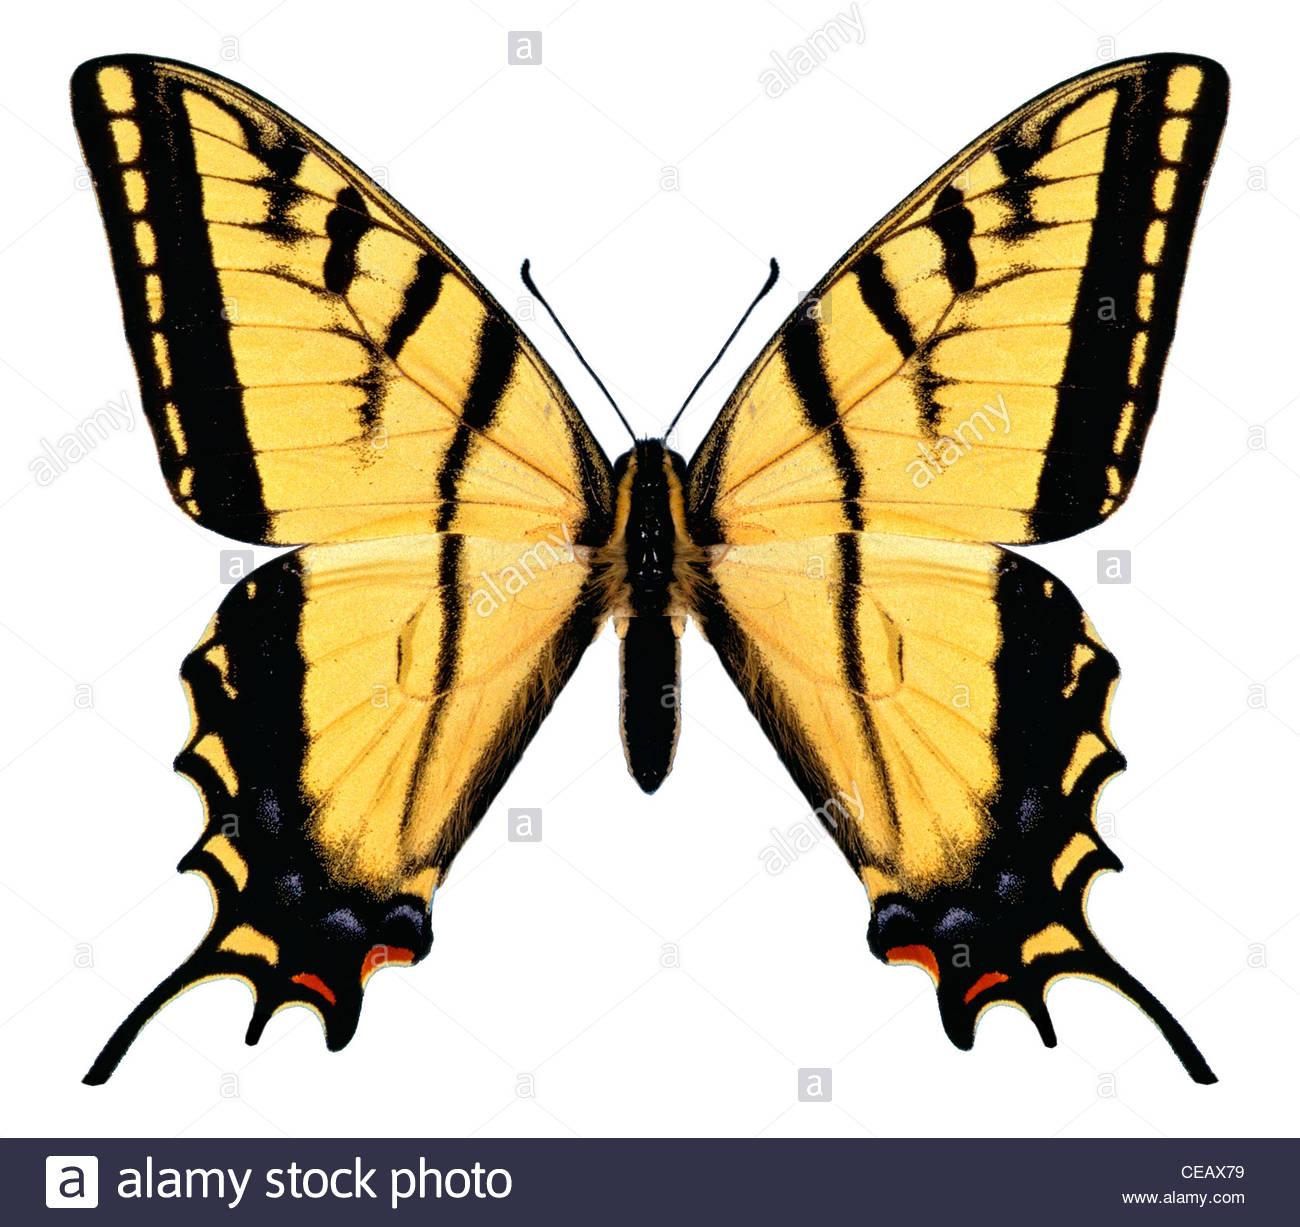 La imagen del equipo de mariposas, el concepto, el misterio Imagen De Stock